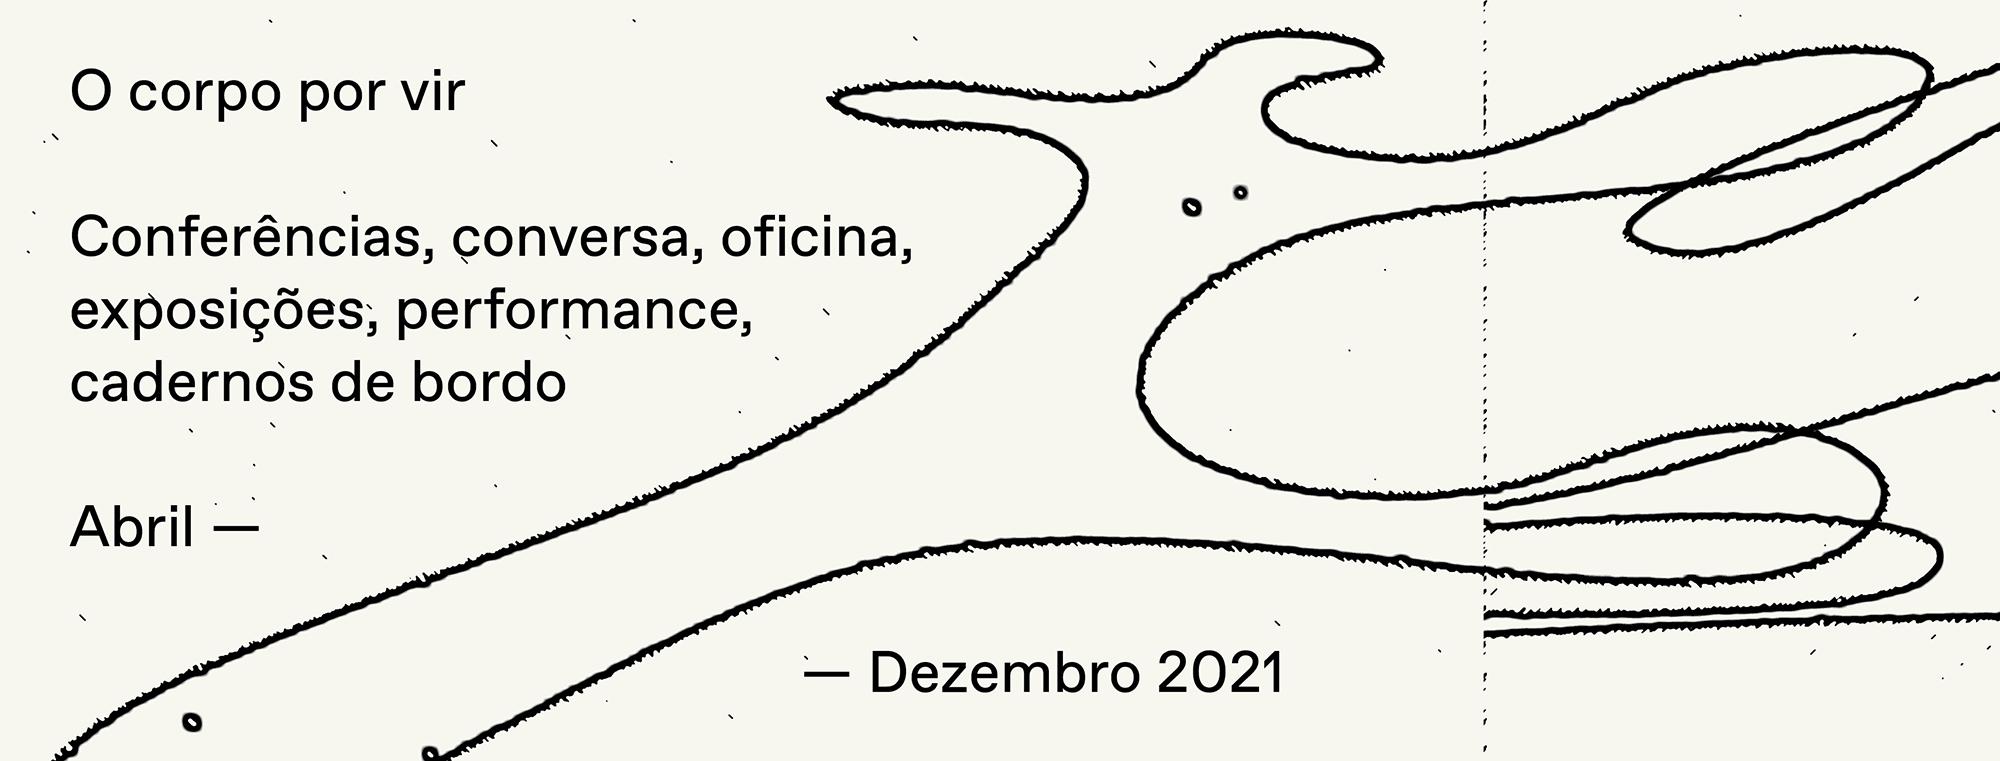 João M. Machado – Efabula – O corpo por vir (1 of 2)